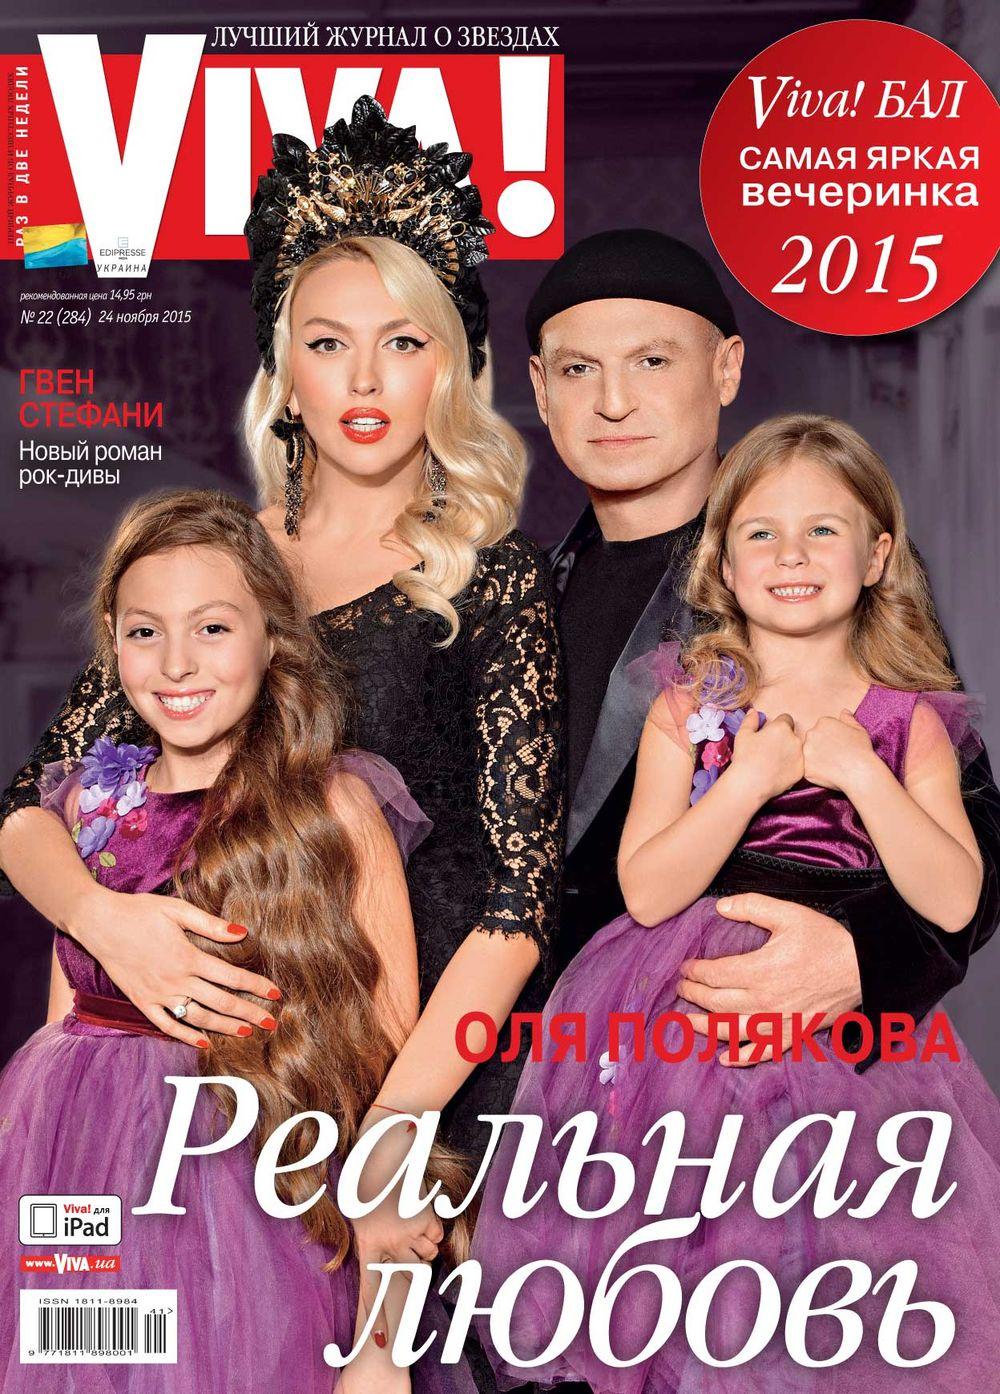 Оля Полякова с мужем и детьми на обложке журнала Viva!